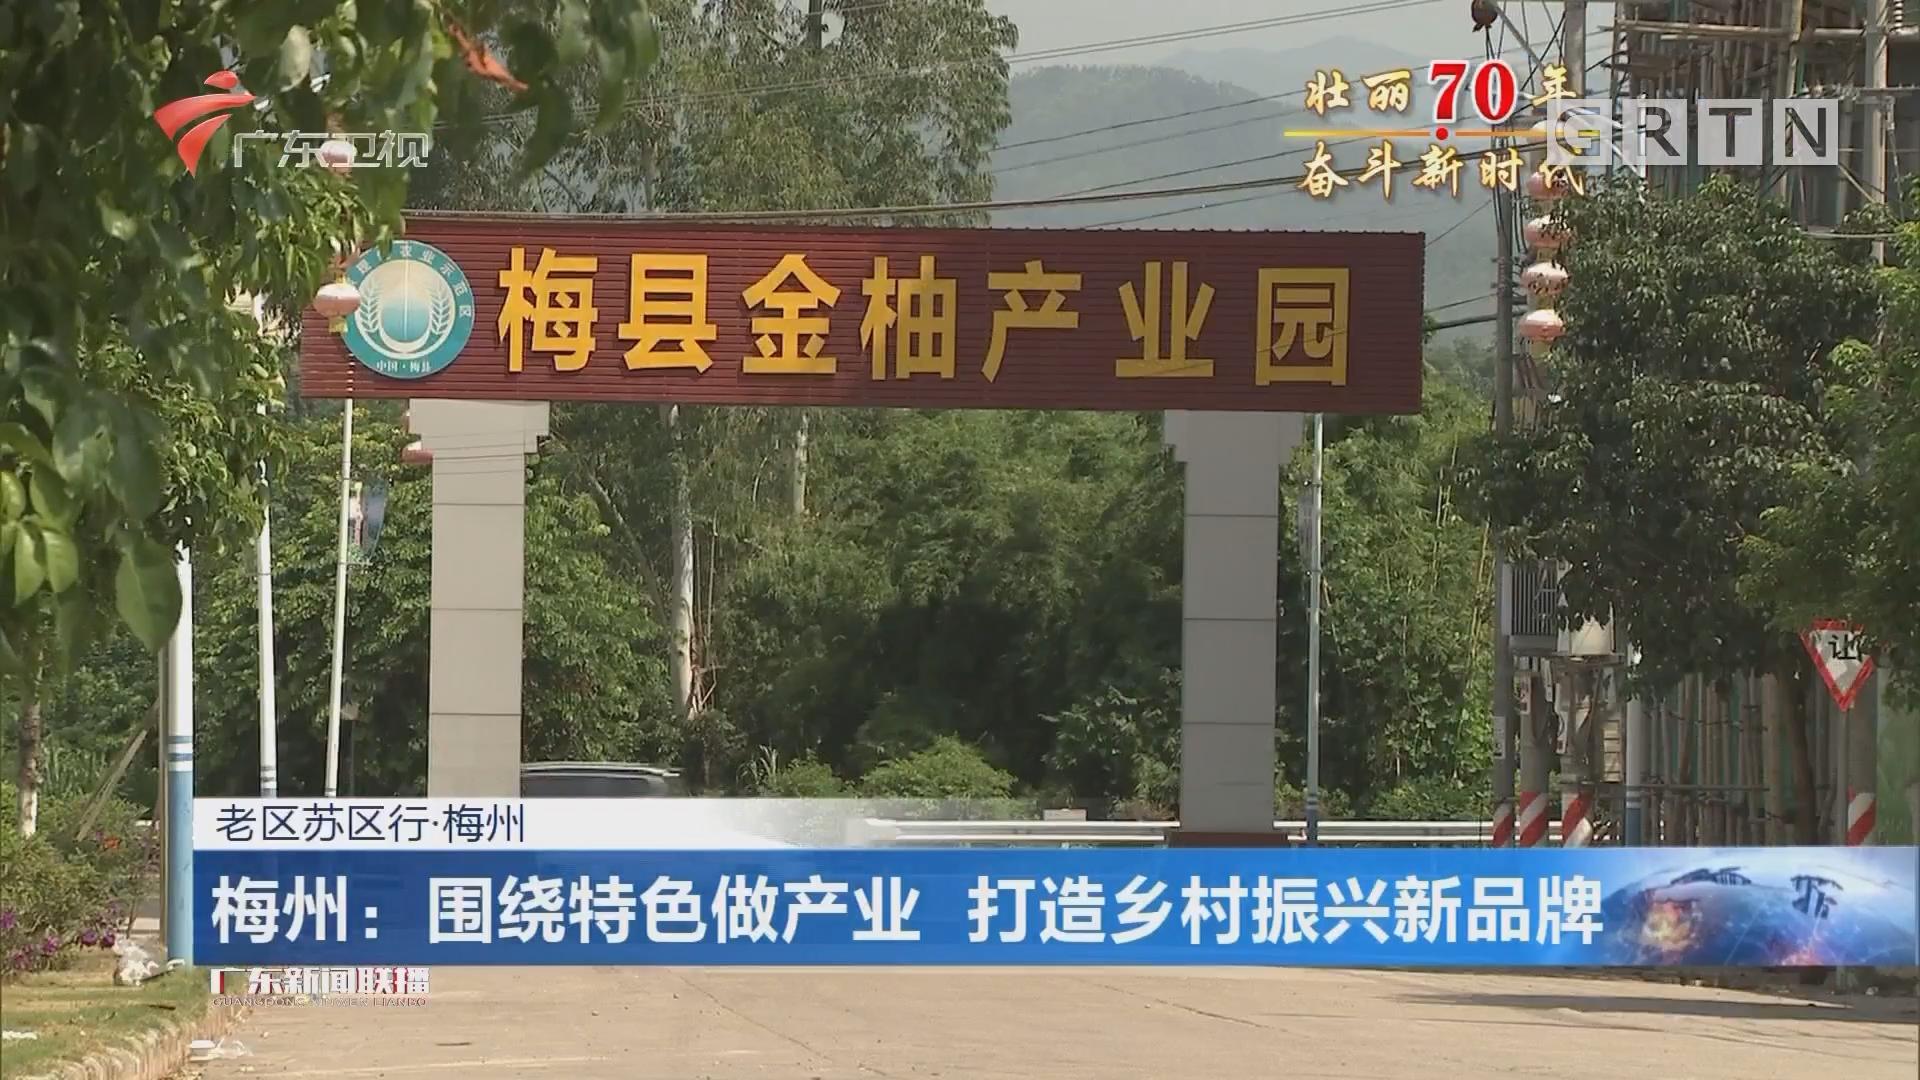 梅州:围绕特色做产业 打造乡村振兴新品牌